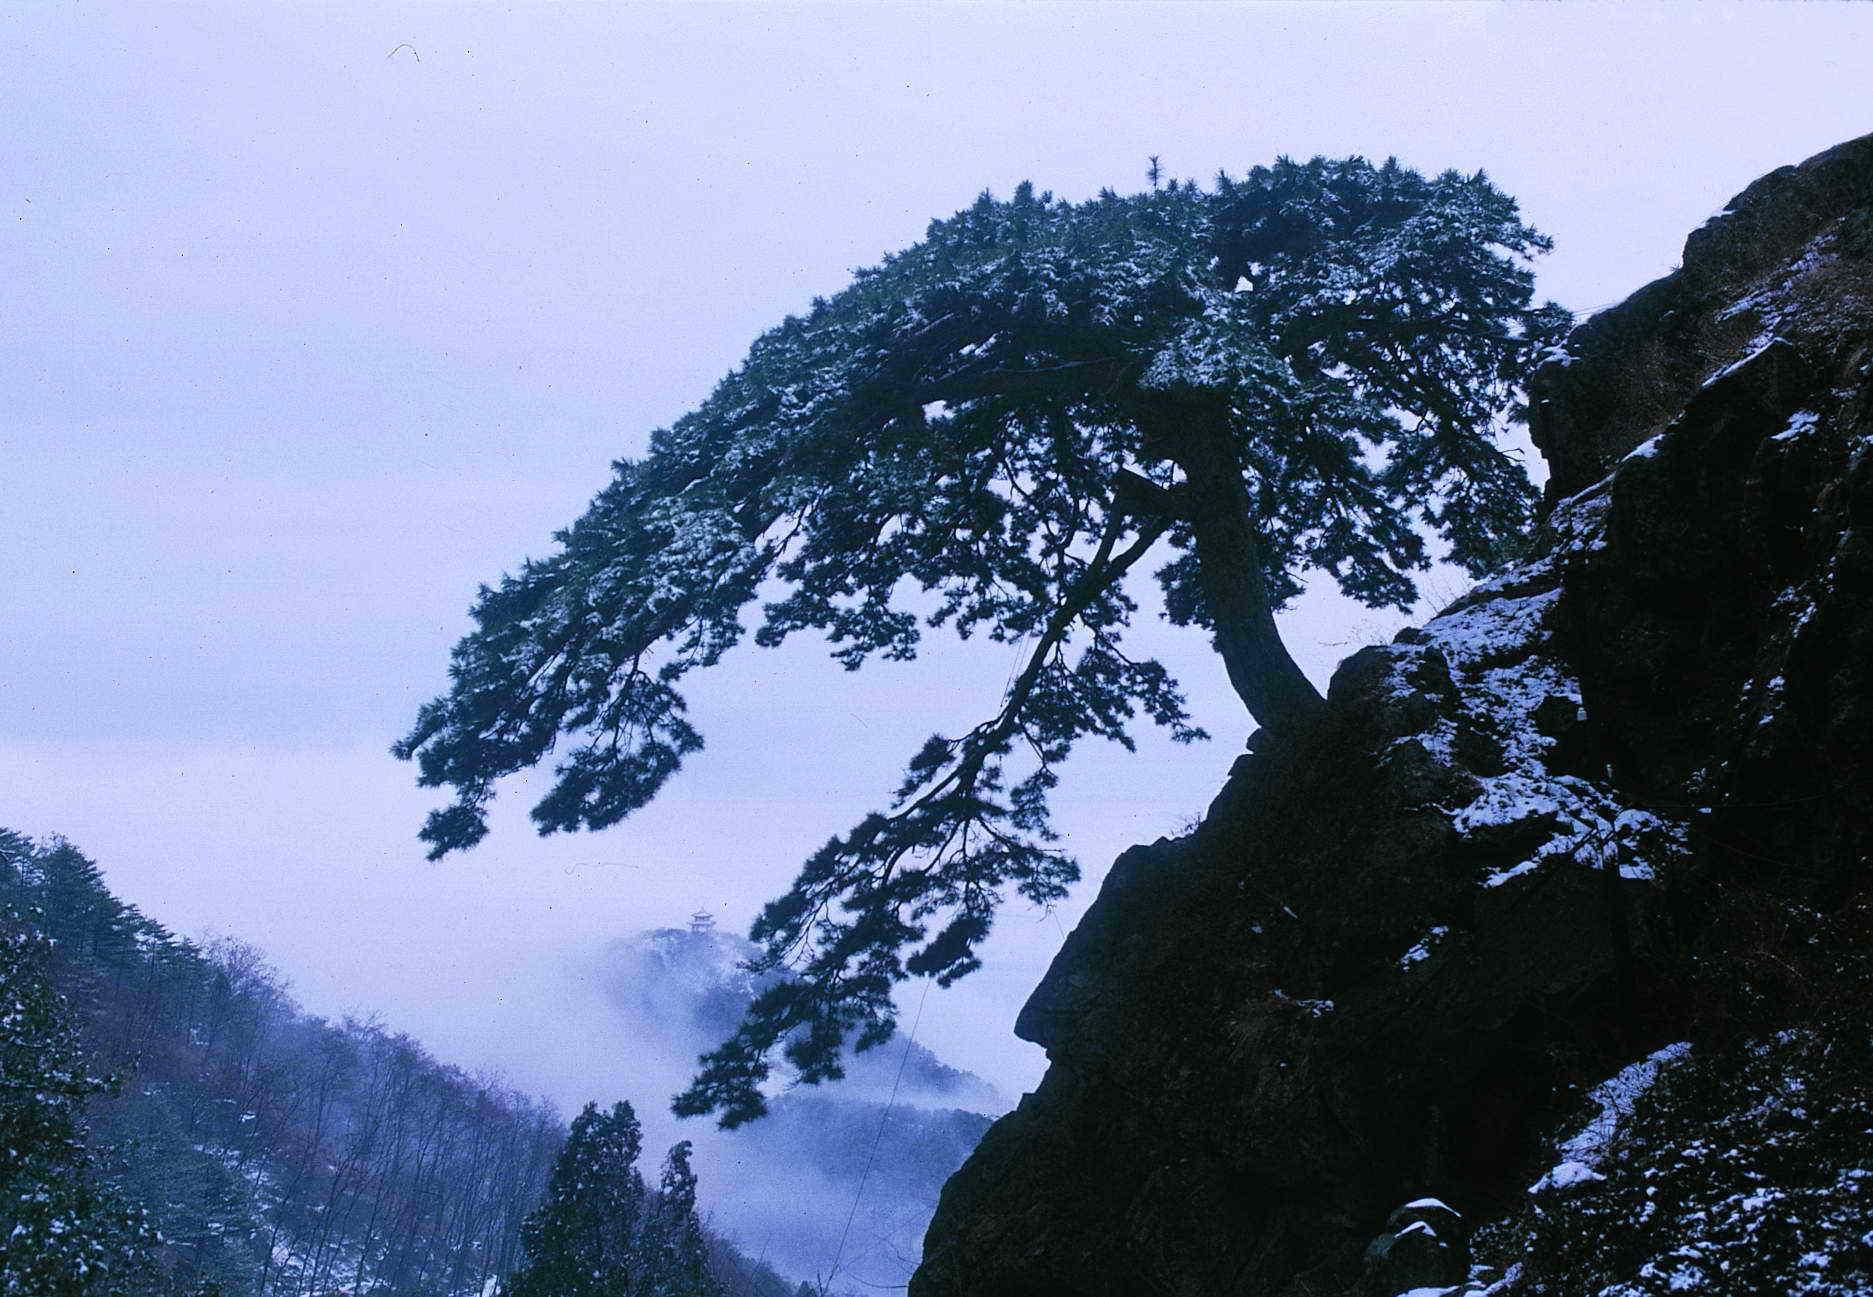 山东泰山风景区管委会日前正式启用泰山古树名木监测管理系统